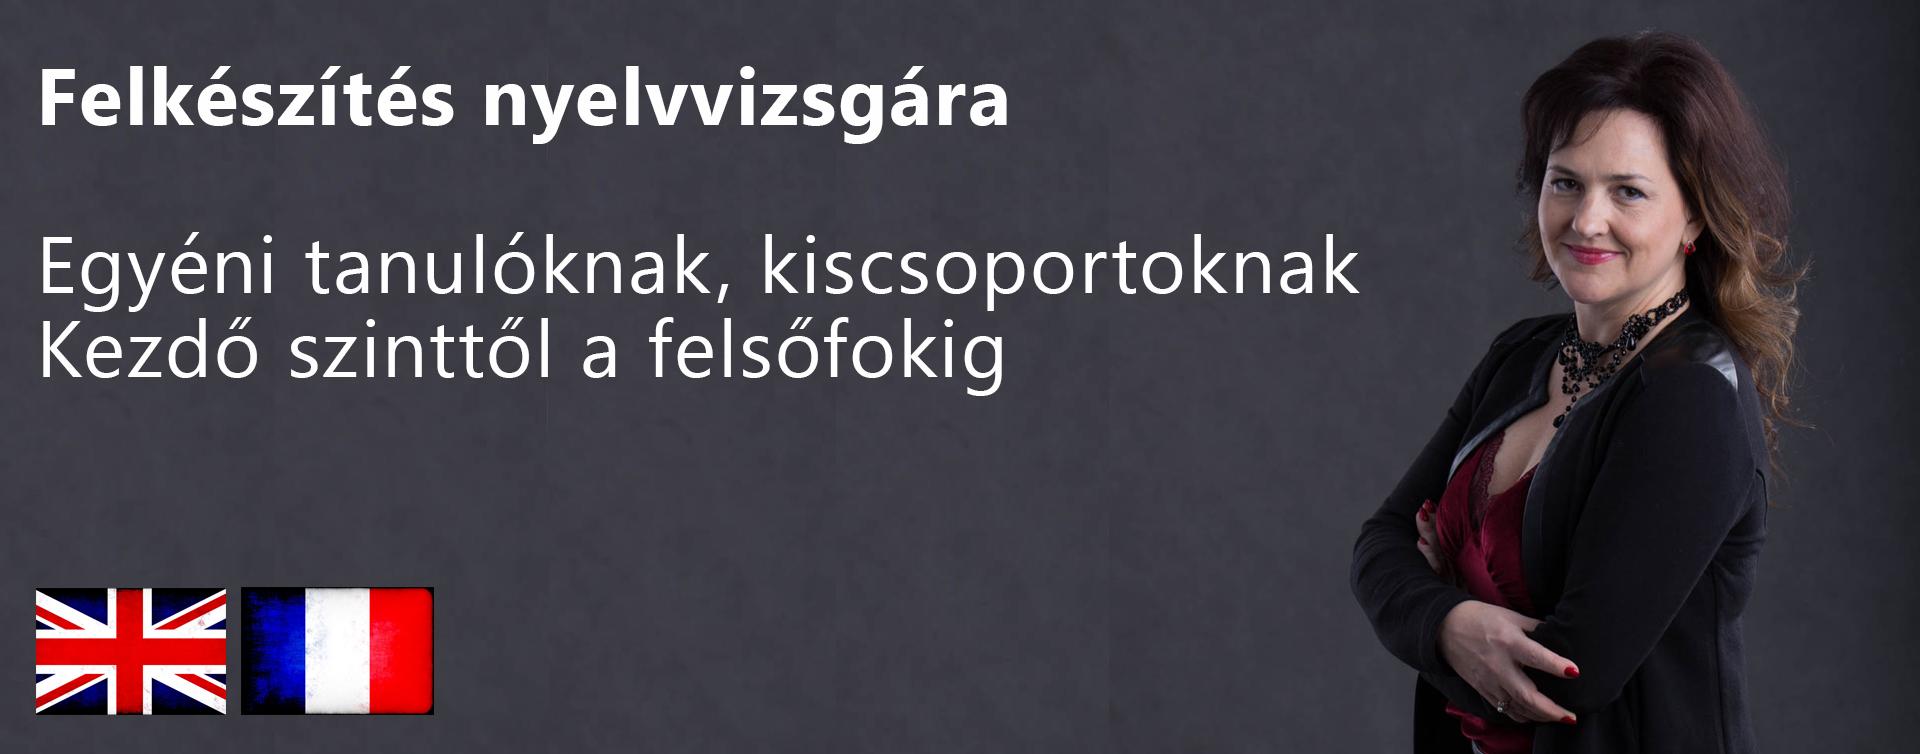 Kertai Katalin nyelvvizsga felkészítés